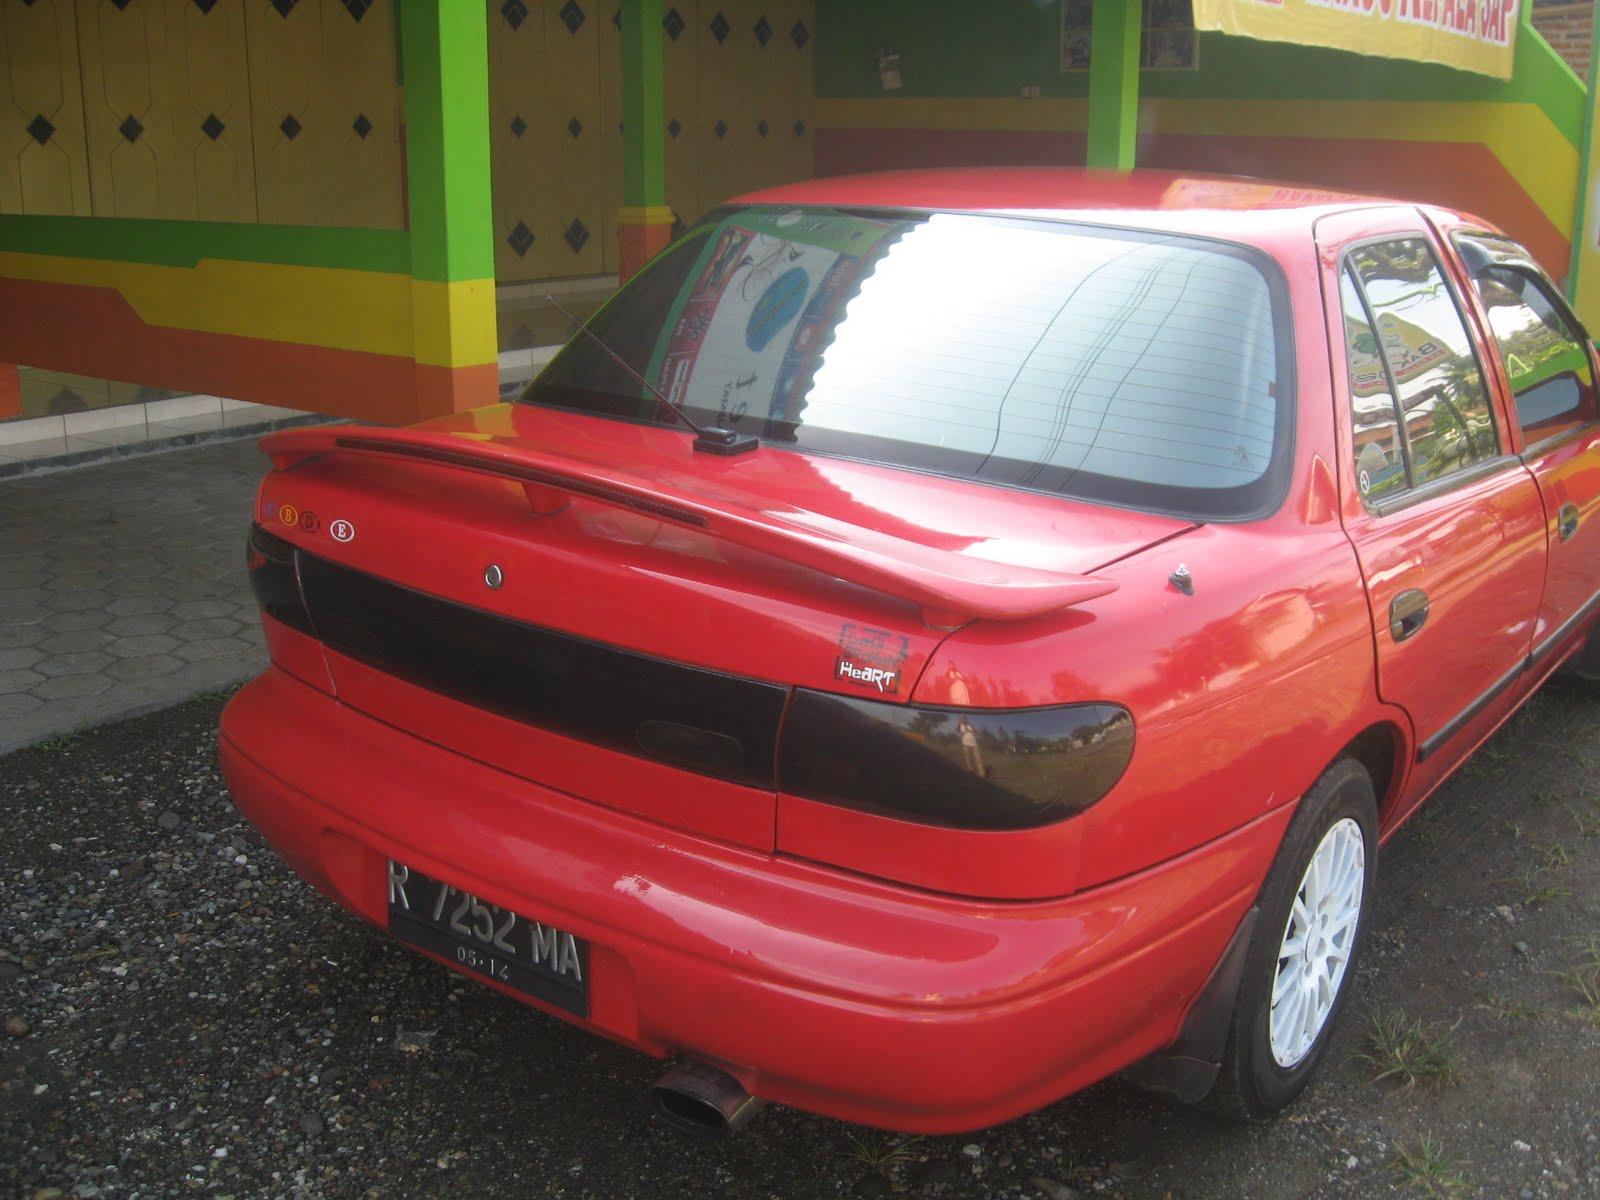 Gambar Mobil Bekas Timor Tampak Belakang Kanan